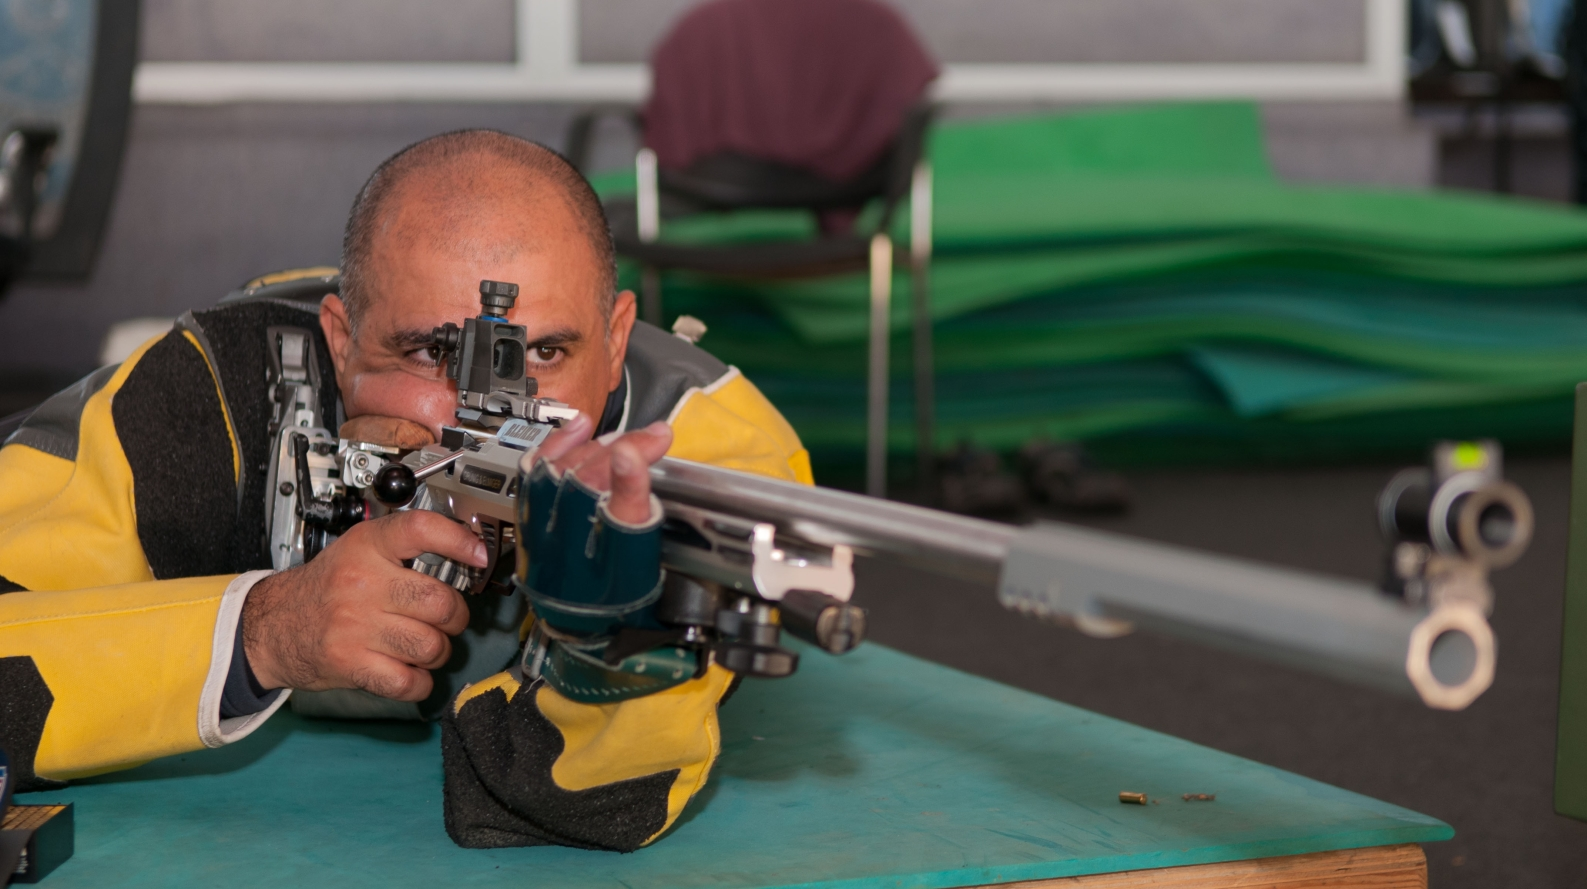 Paralympic shooter Doron Shaziri. Photo by Raz Livnat